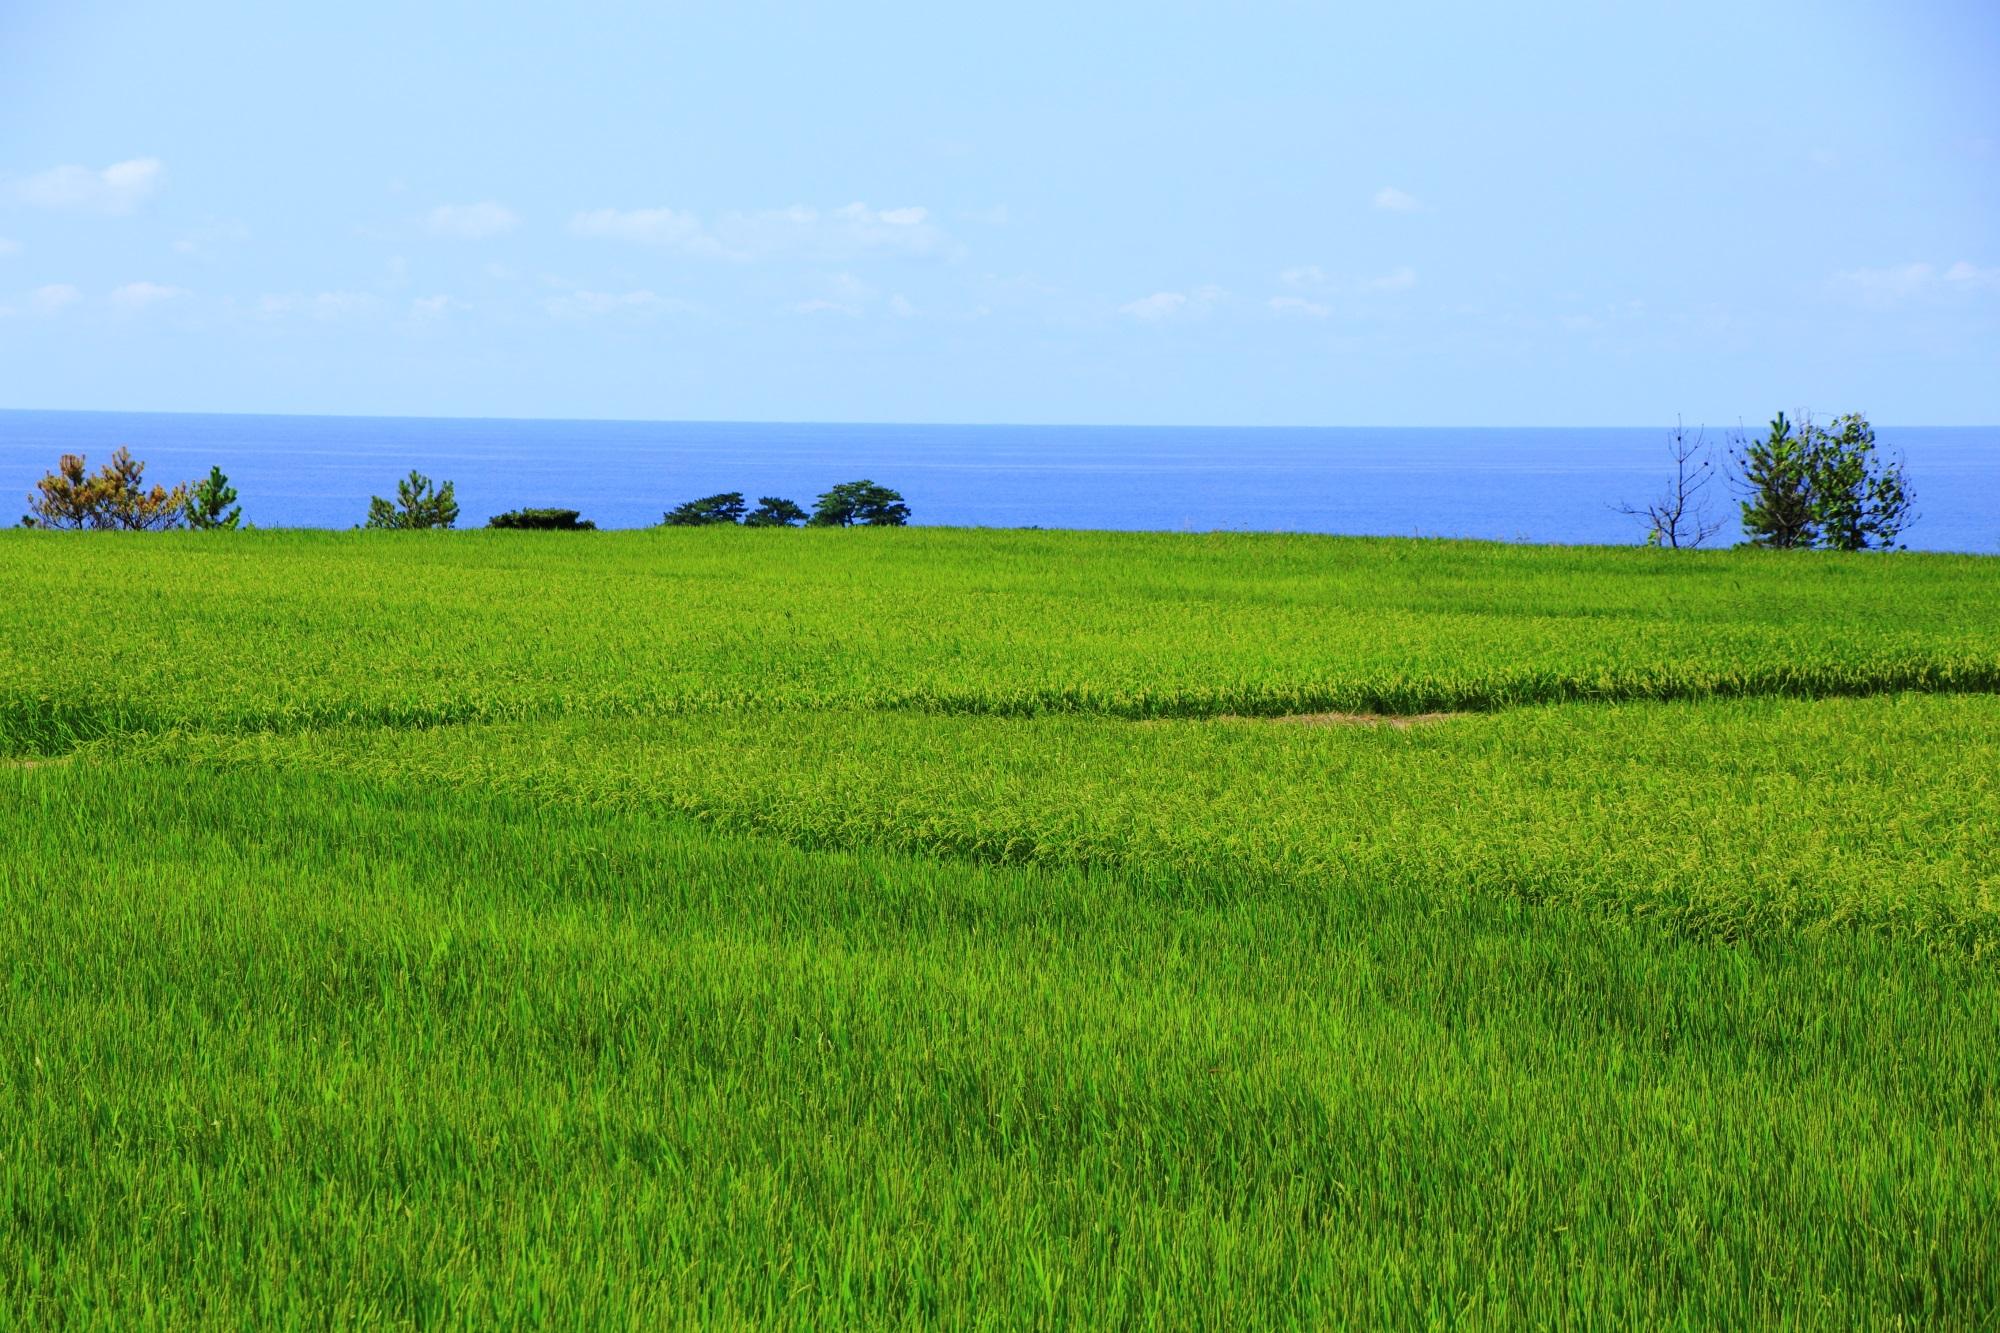 京丹後の爽やかで清々しい田んぼの緑と青い海